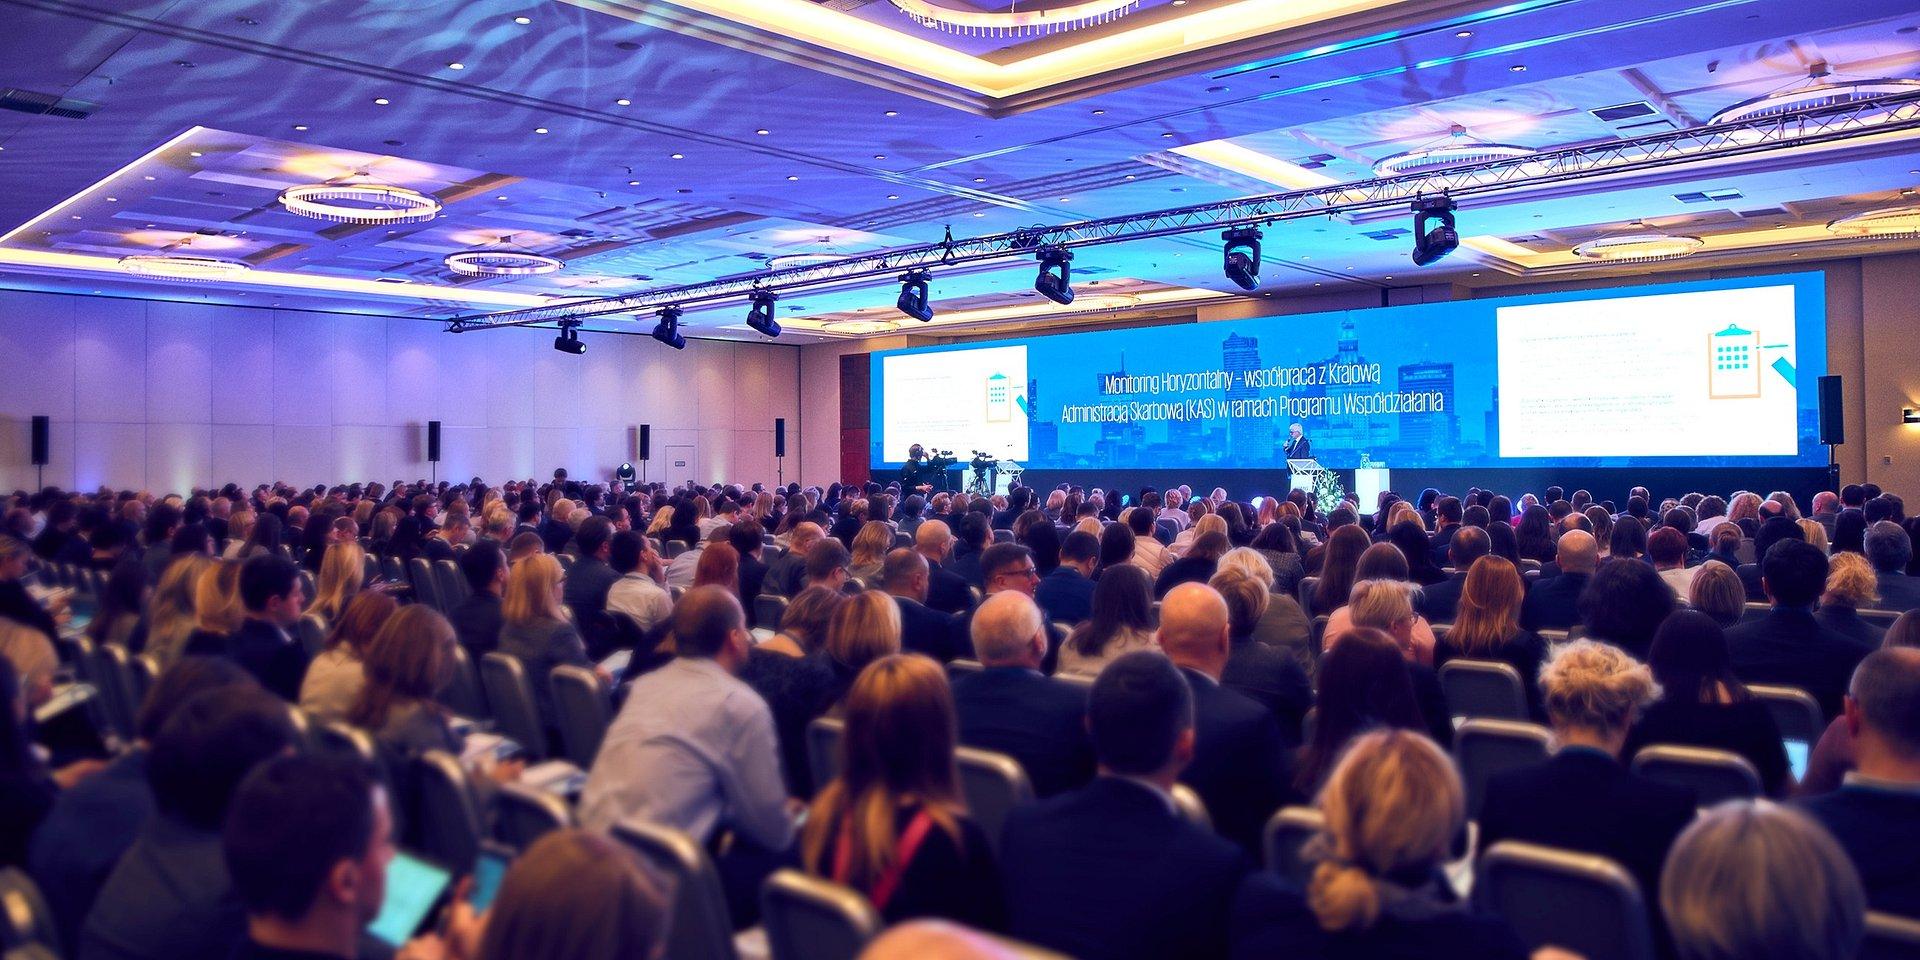 Nowe regulacje i istotne zmiany dla przedsiębiorców w 2019 r. –za nami IX Kongres Podatków i Rachunkowości KPMG